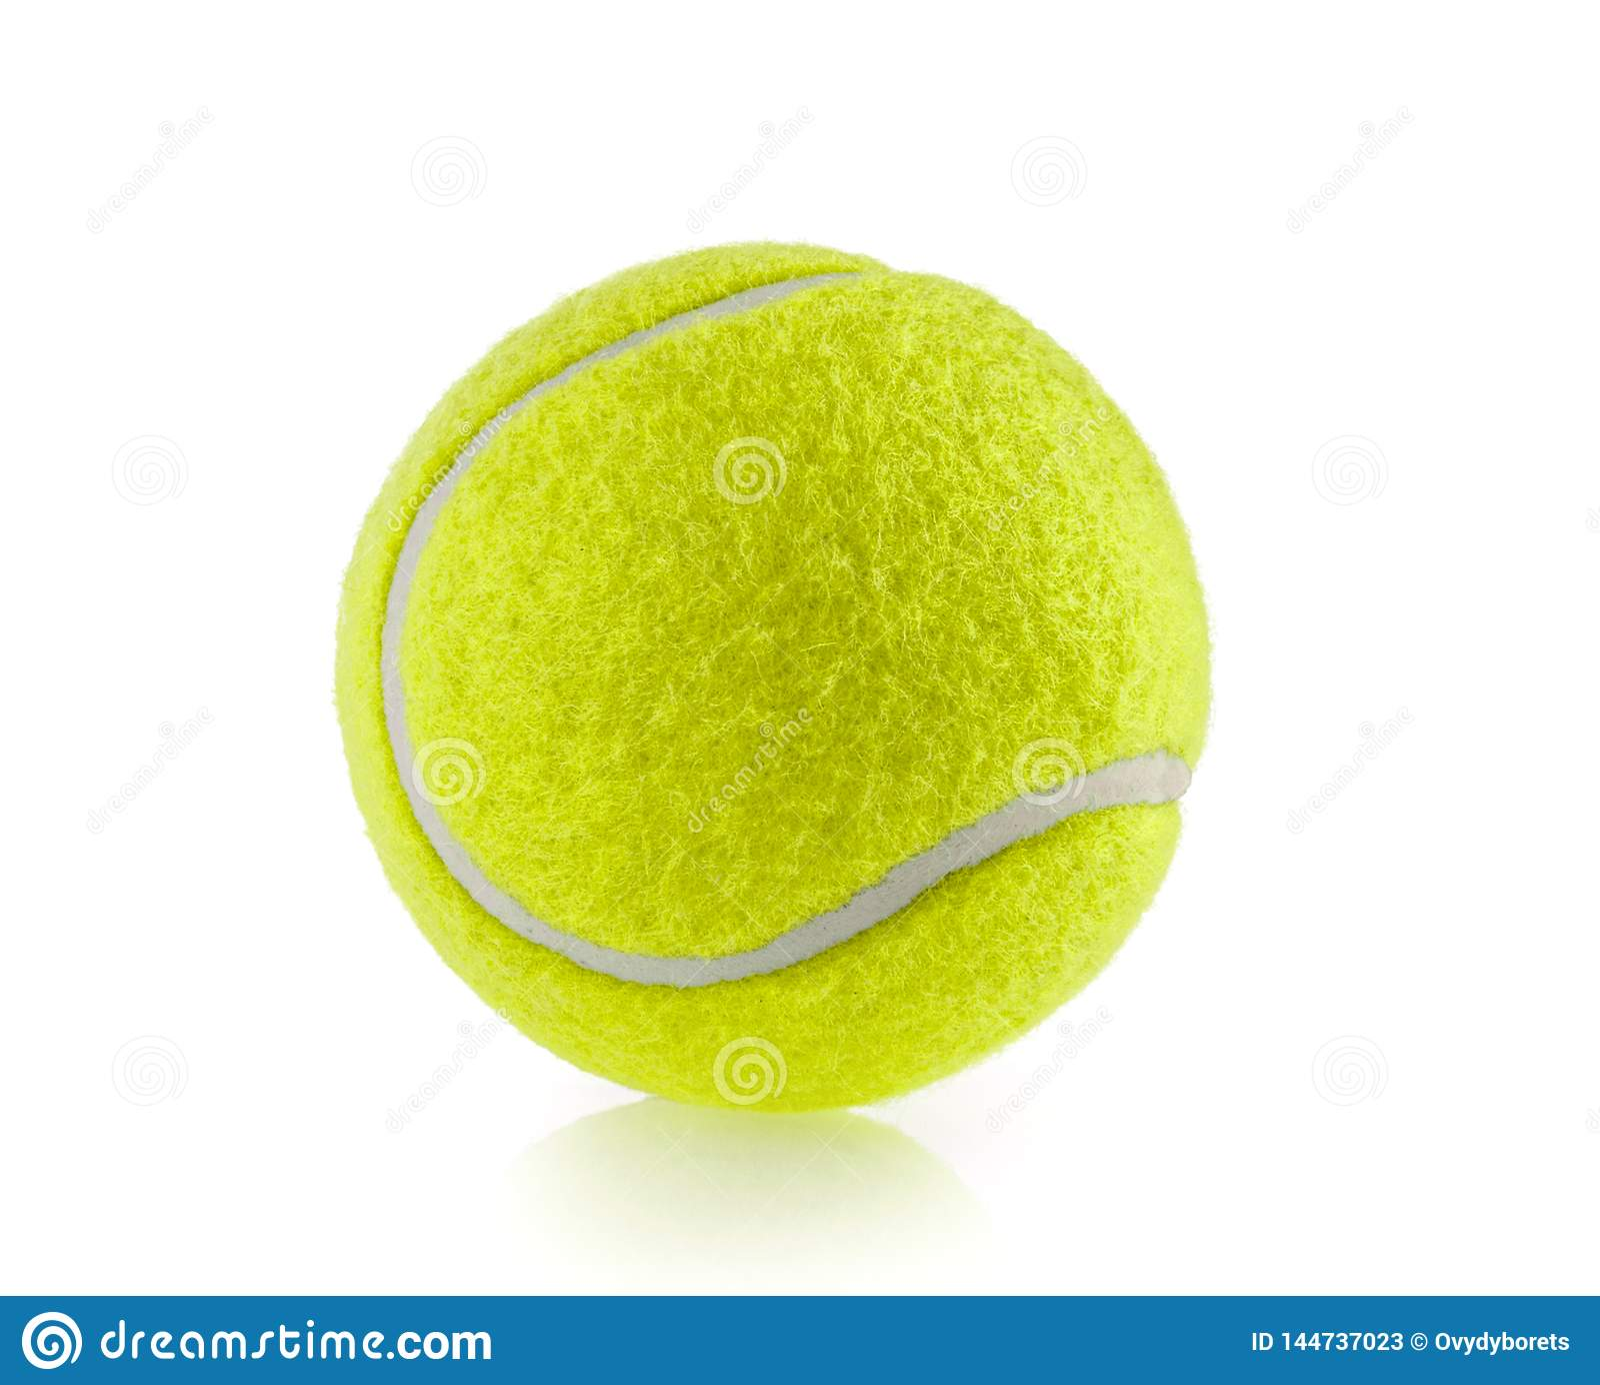 De tennisbal isoleerde witte achtergrond - fotografie